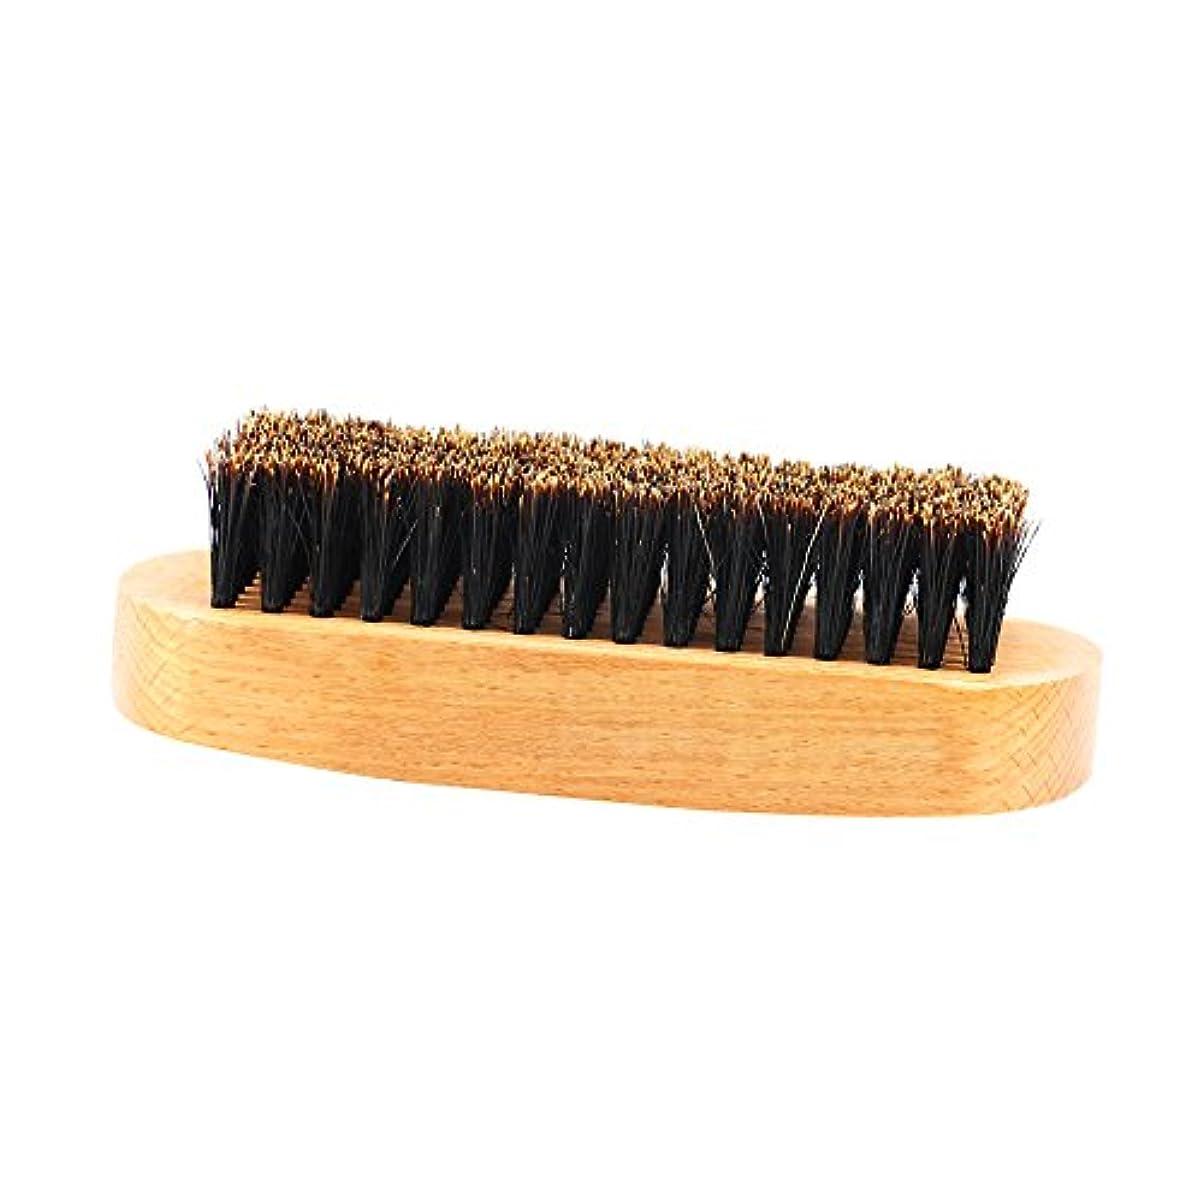 制限アジアリラックスした人の口ひげのスタイリングの手入れをすることのための木のハンドルのひげのブラシのイノシシの剛毛 - #1